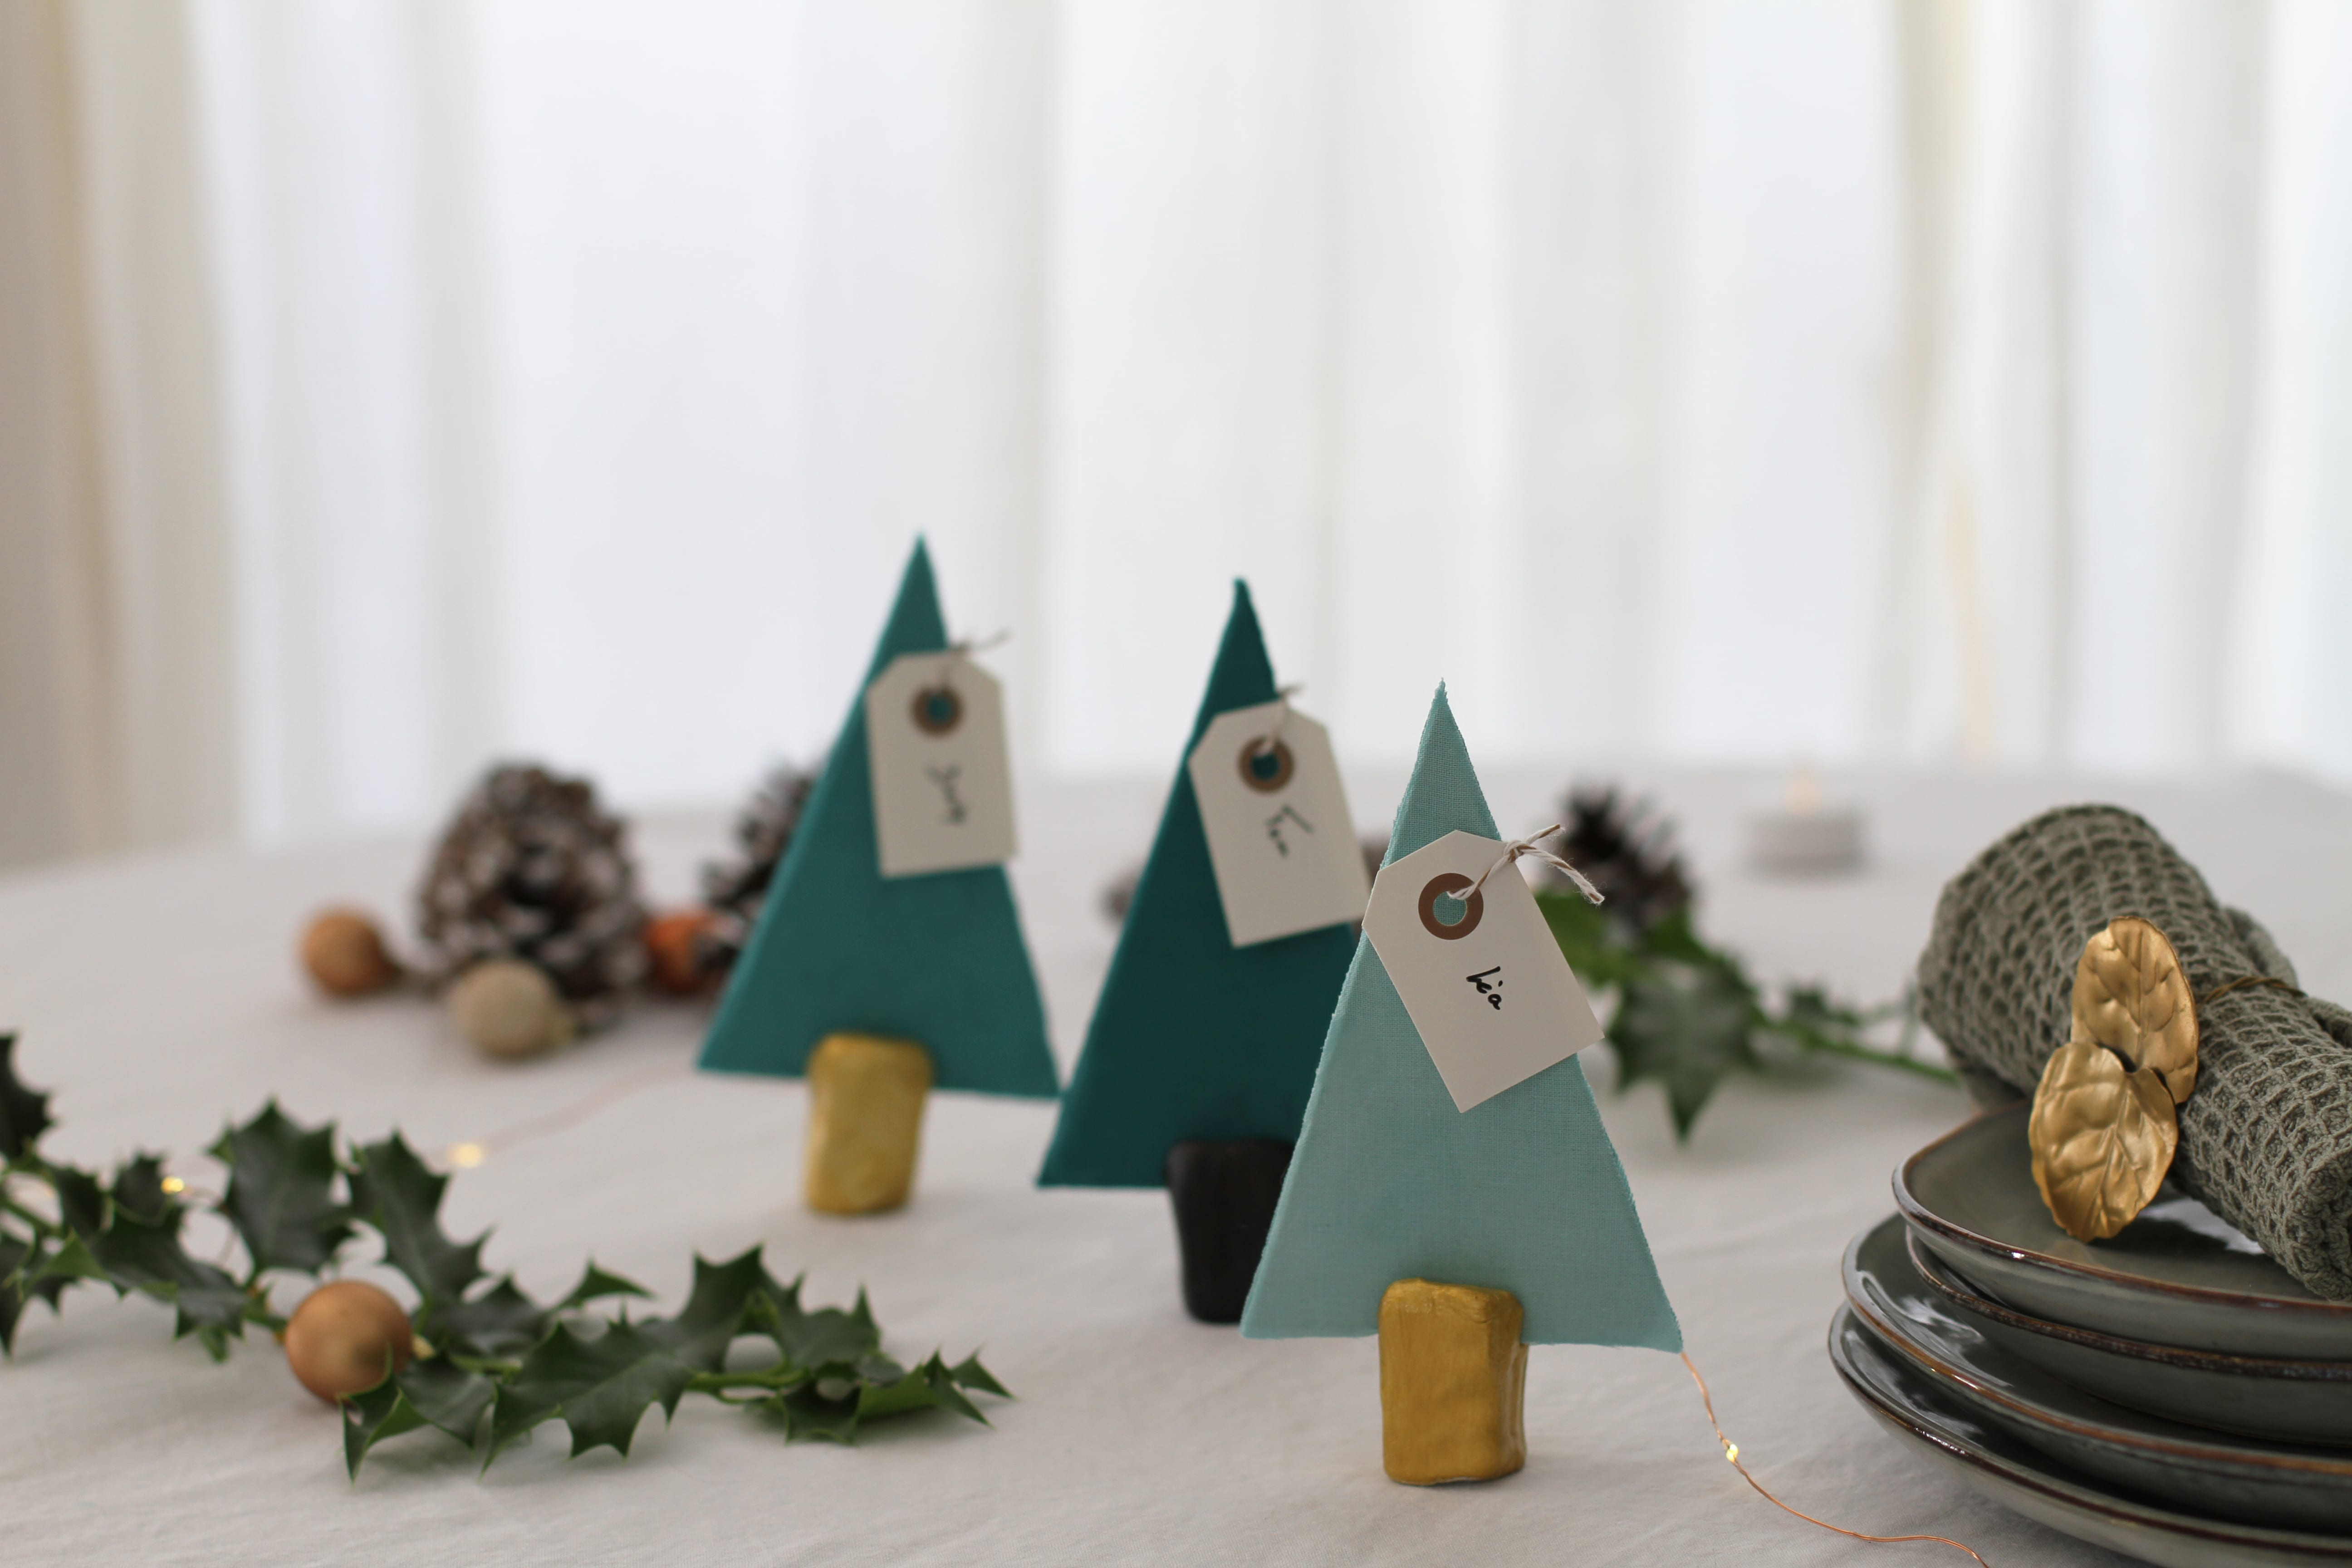 DIY déco de Noël : les marques-places sapin !